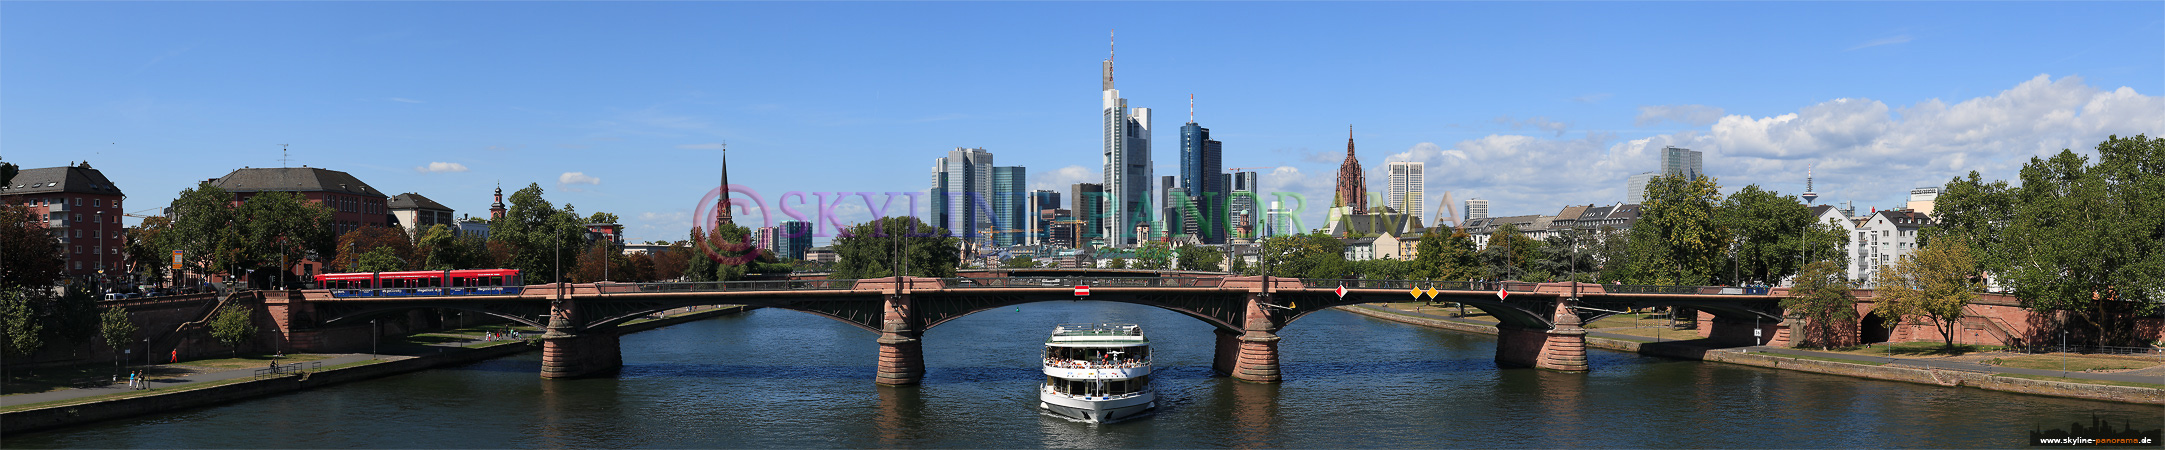 Skyline Frankfurt von der Flößerbrücke fotografiert, im Vordergrund ist die Ignatz-Bubis-Brücke zu sehen.